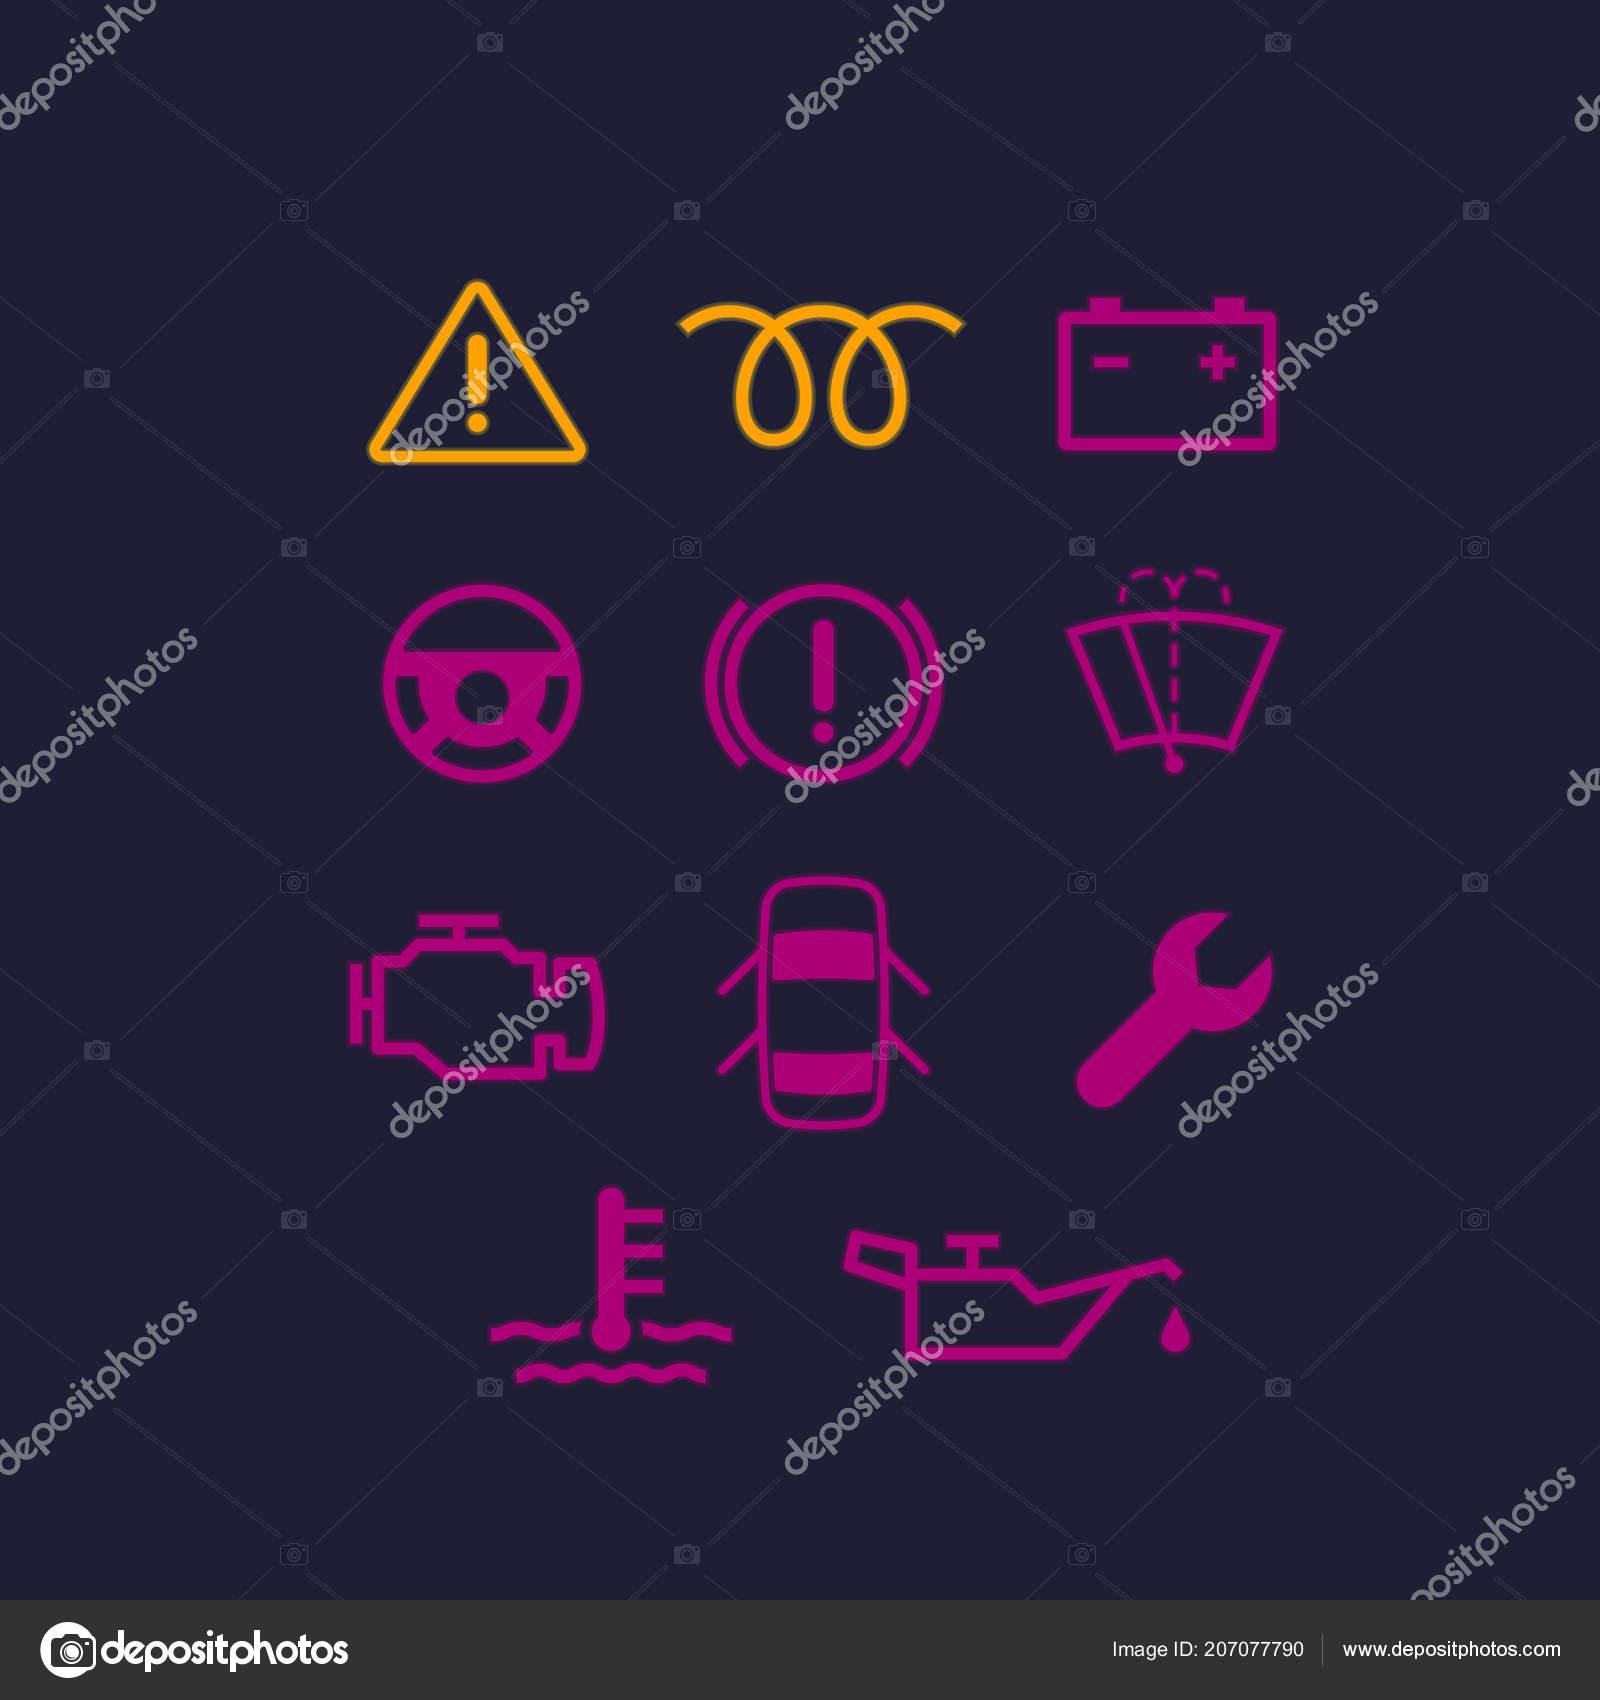 St4 Depositphotos Com 3991093 20707 V 1600 Deposit